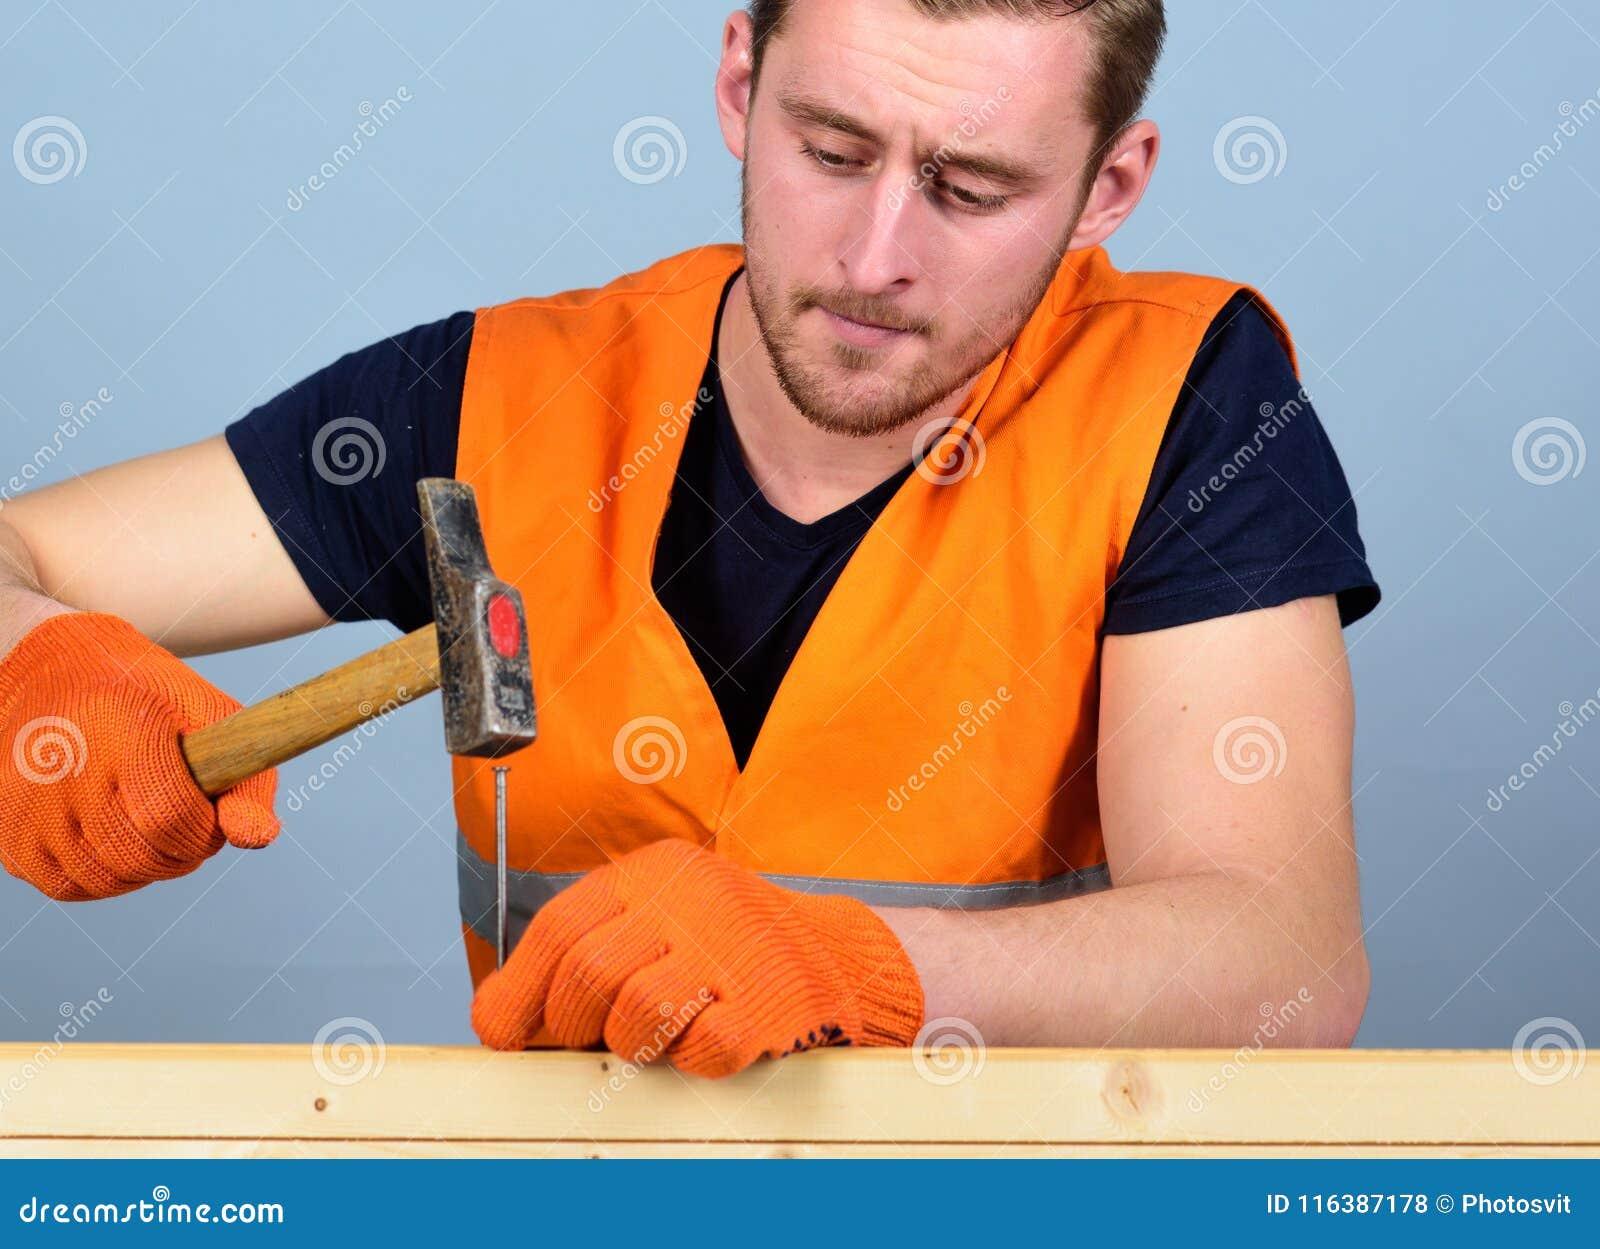 Snickaren inredningssnickare på koncentrerat bulta för framsida spikar in i träbräde Man, faktotum i ljus väst och skyddande